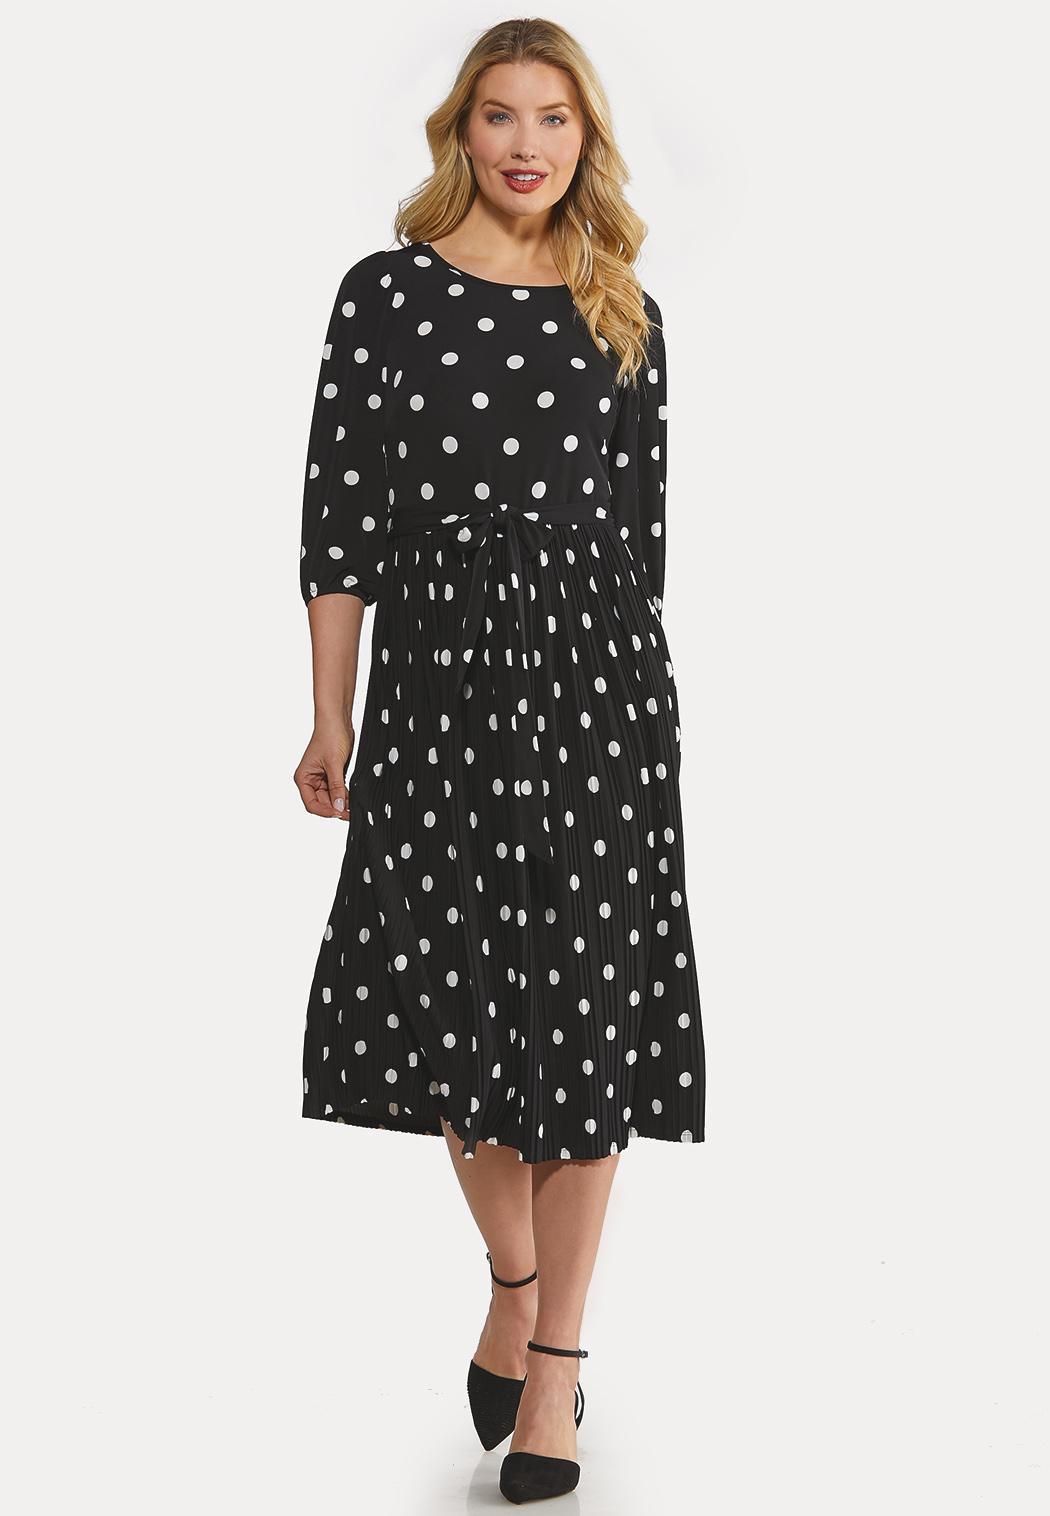 Plus Size Black White Polka Dot Dress